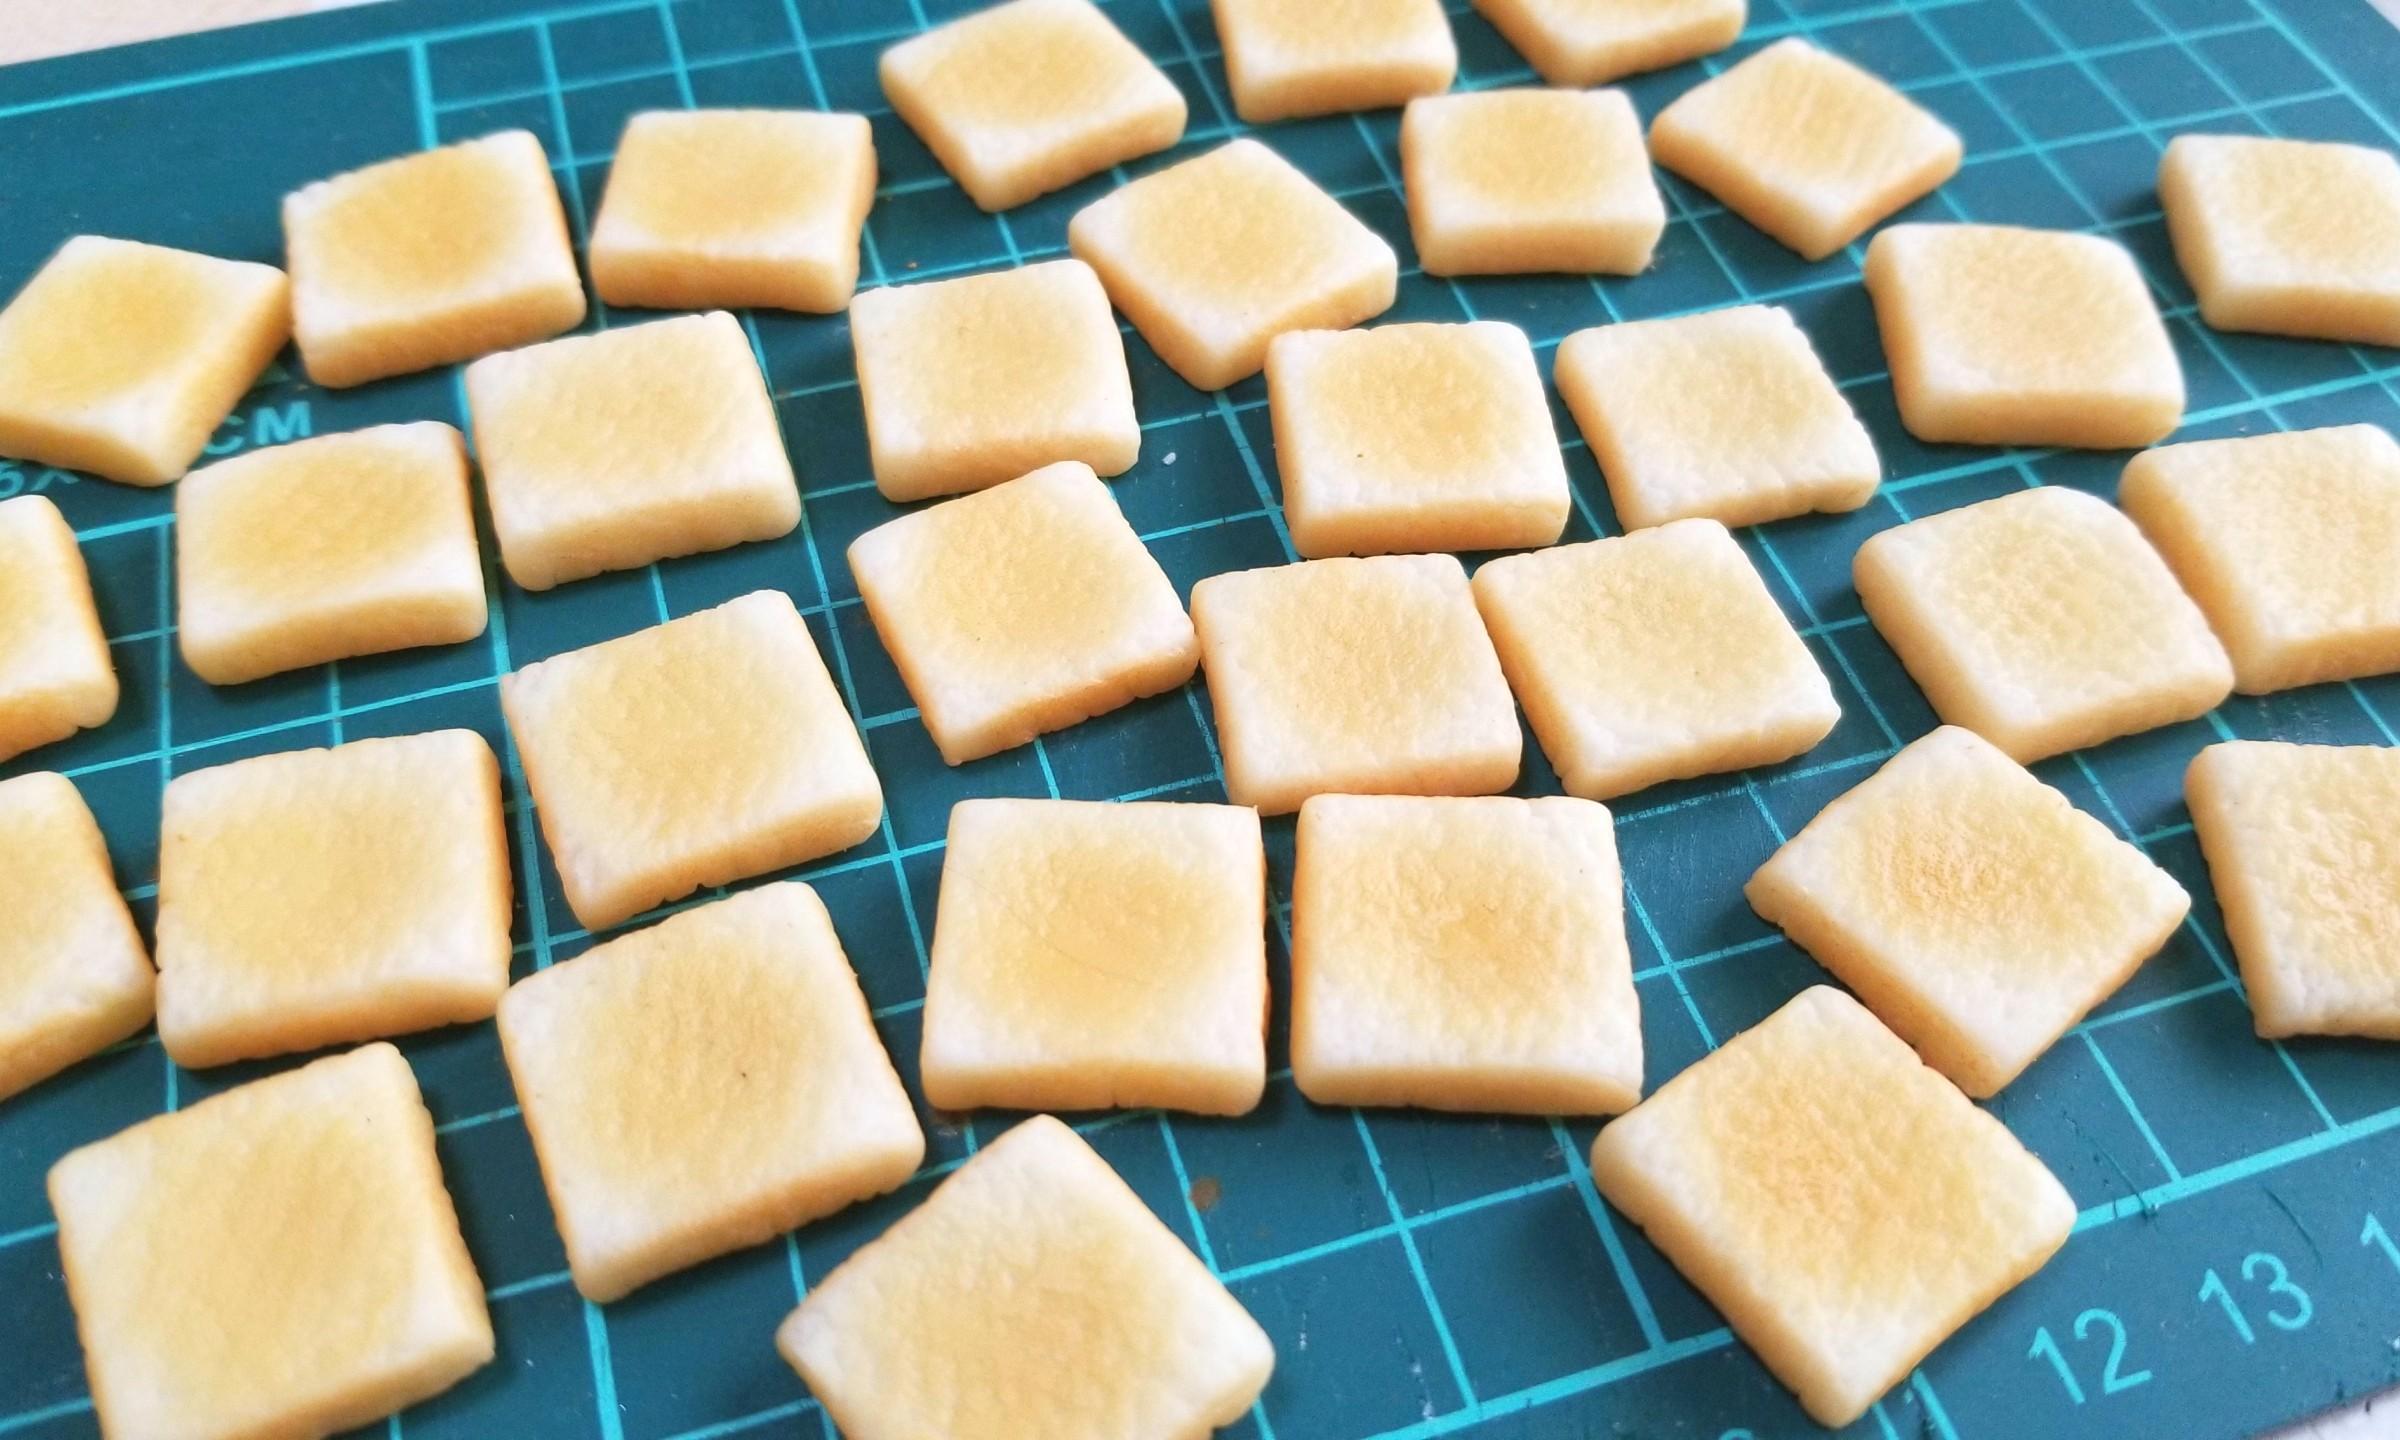 ラピュタパン,トースト,作り方,樹脂粘土,食パン,食品サンプル,ジブリ